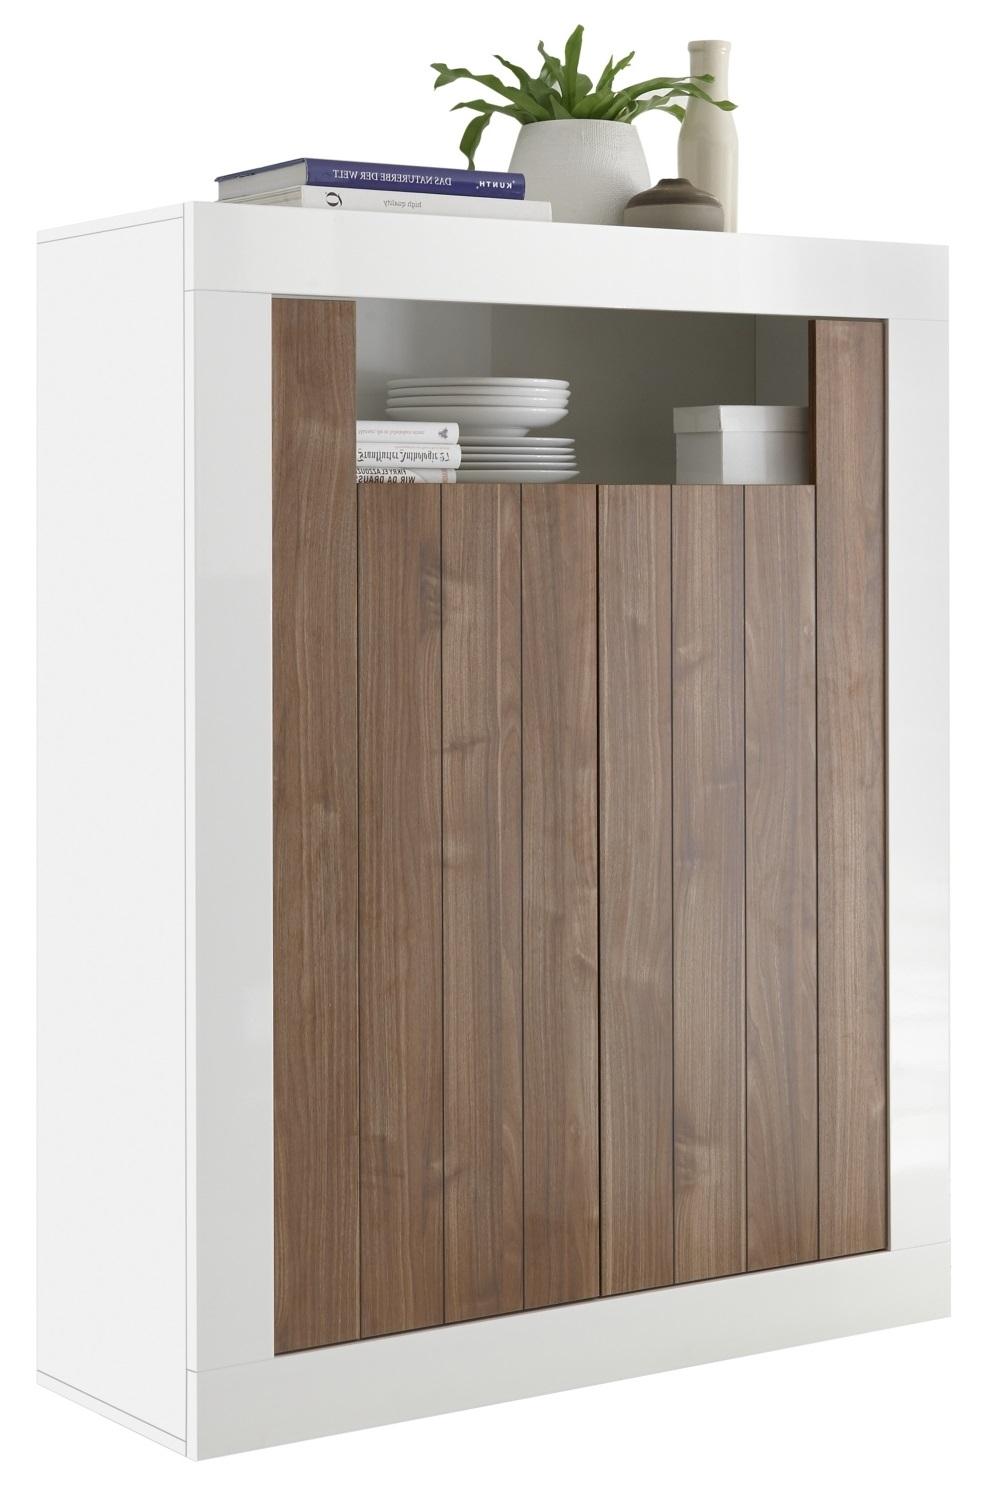 Opbergkast Urbino 144 cm hoog in hoogglans wit met walnoot